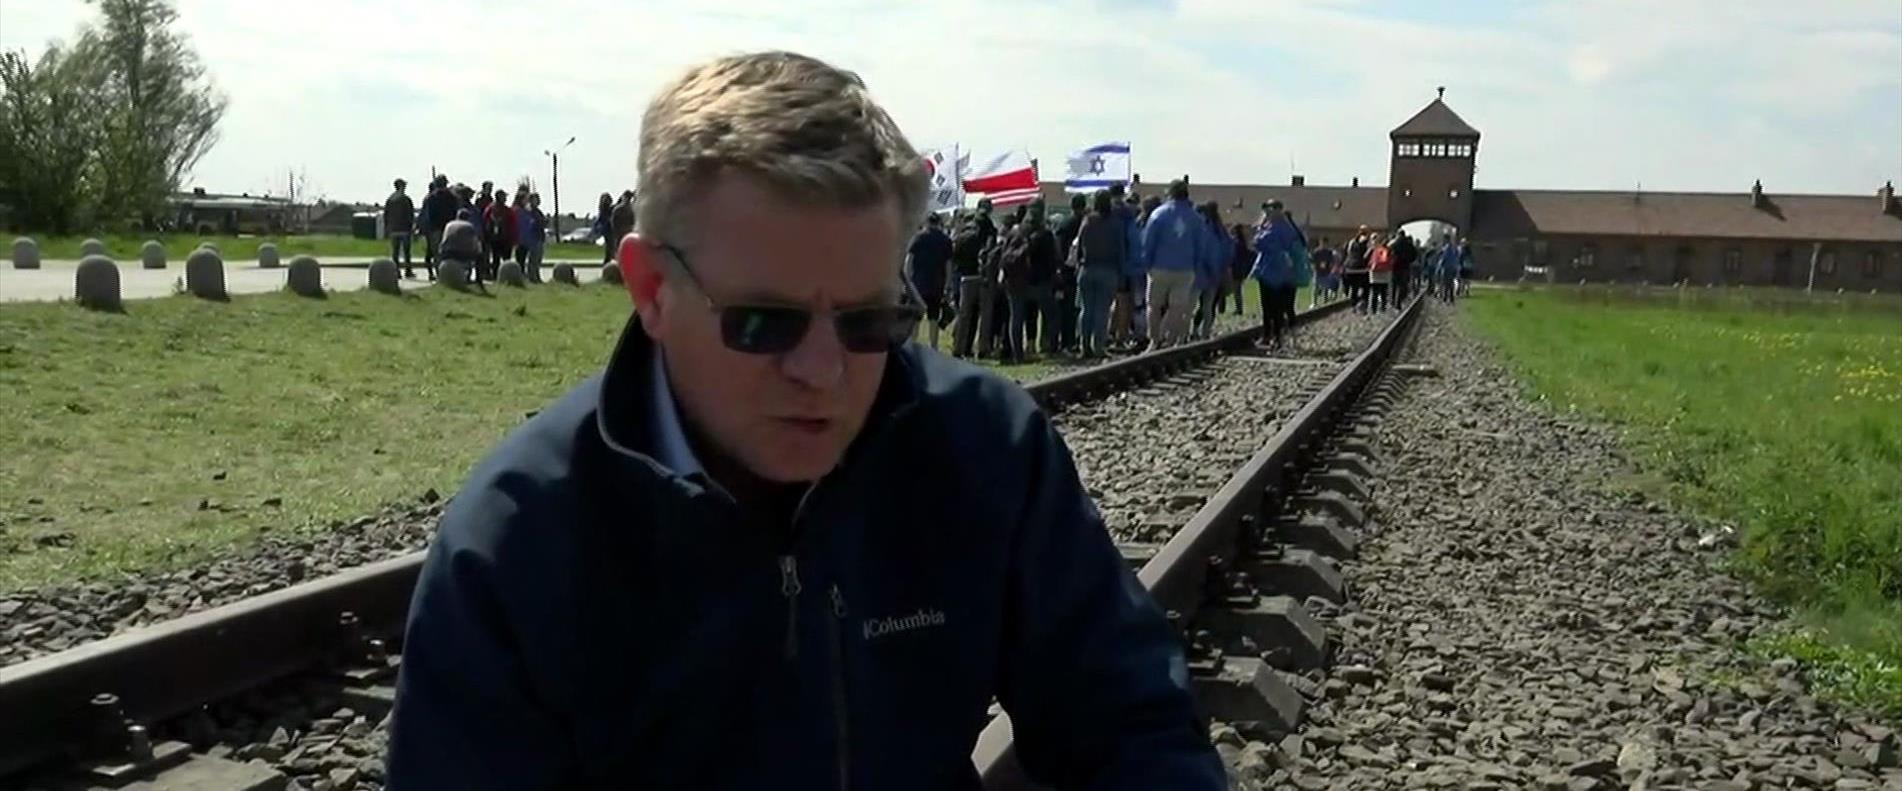 רובי המרשלג בכניסה למחנה ההשמדה אושוויץ